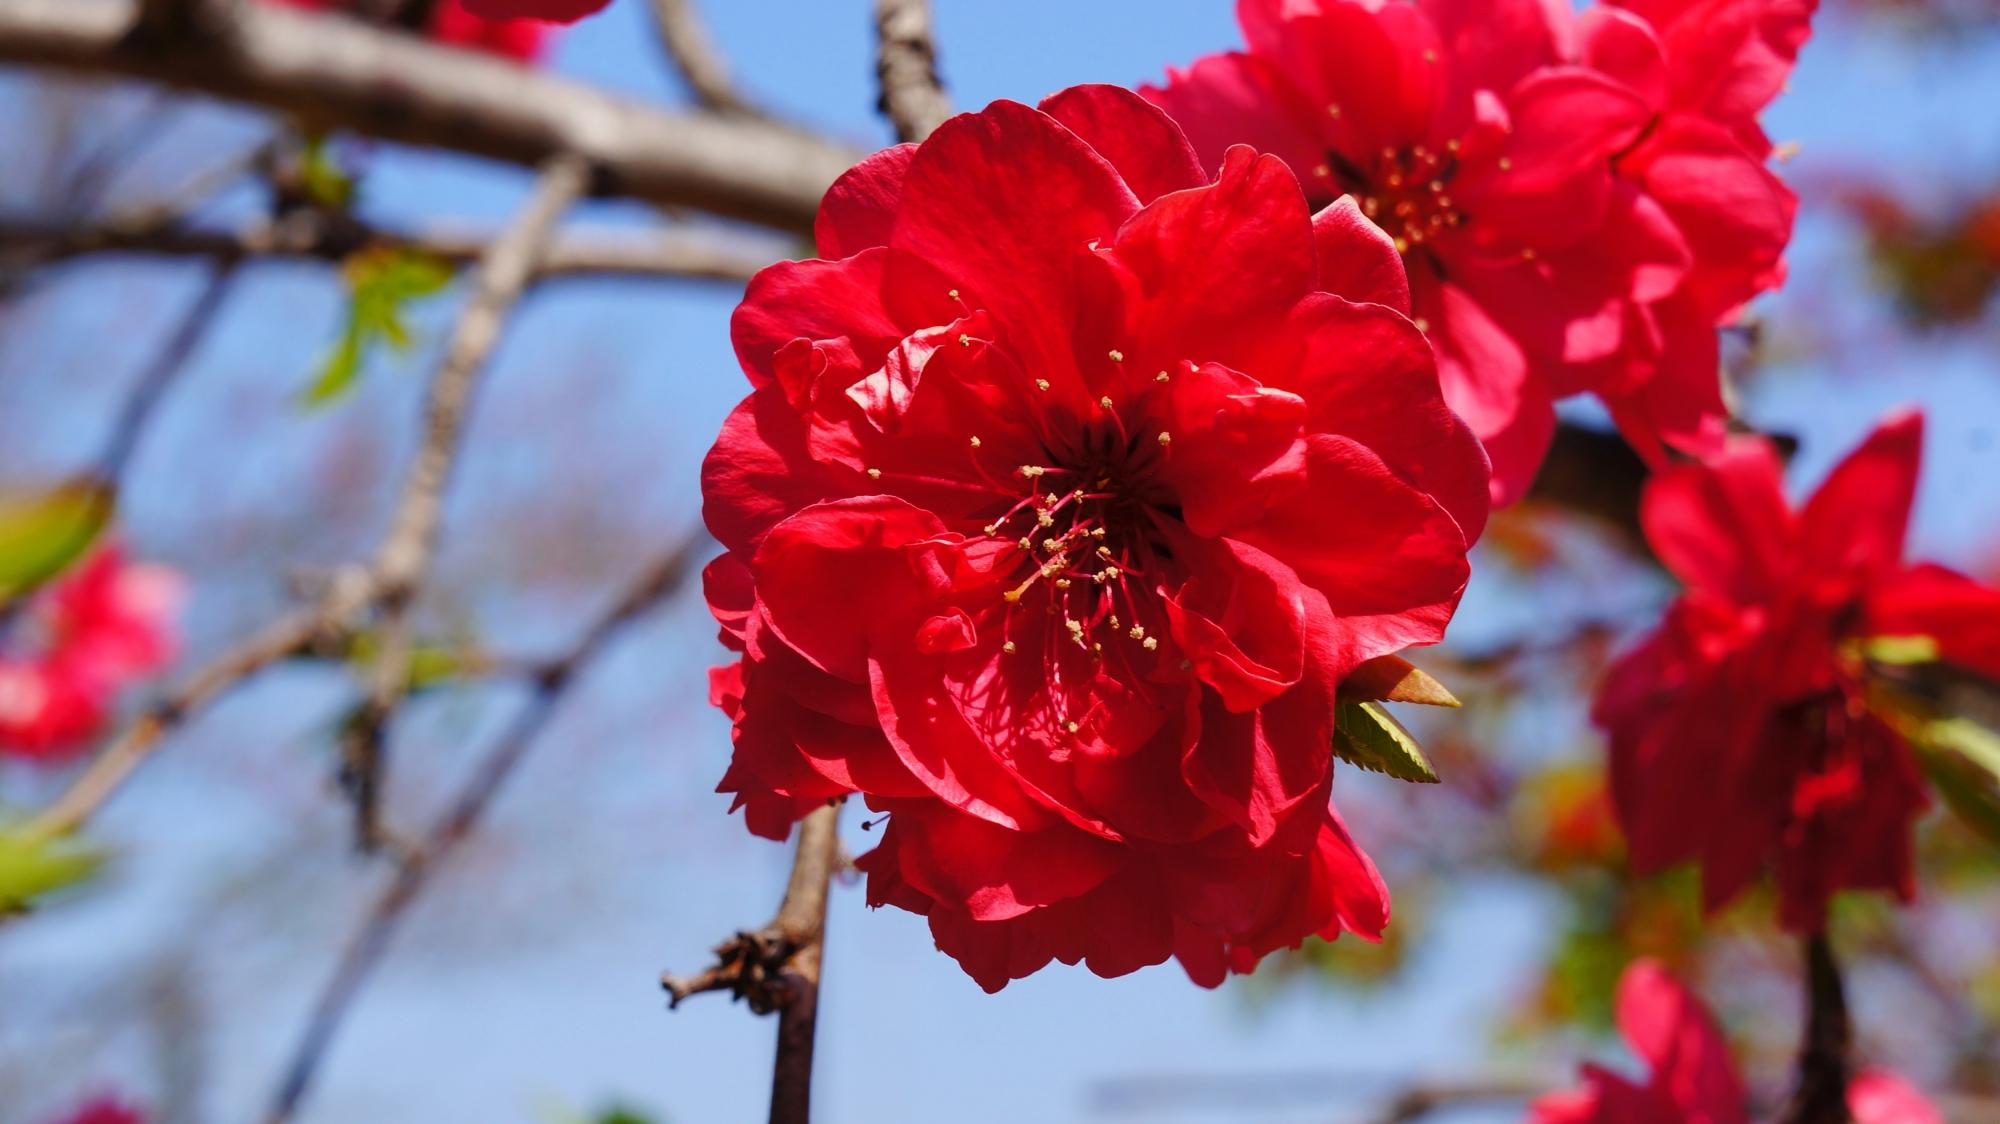 春を彩る鮮烈な色合いの桃の花